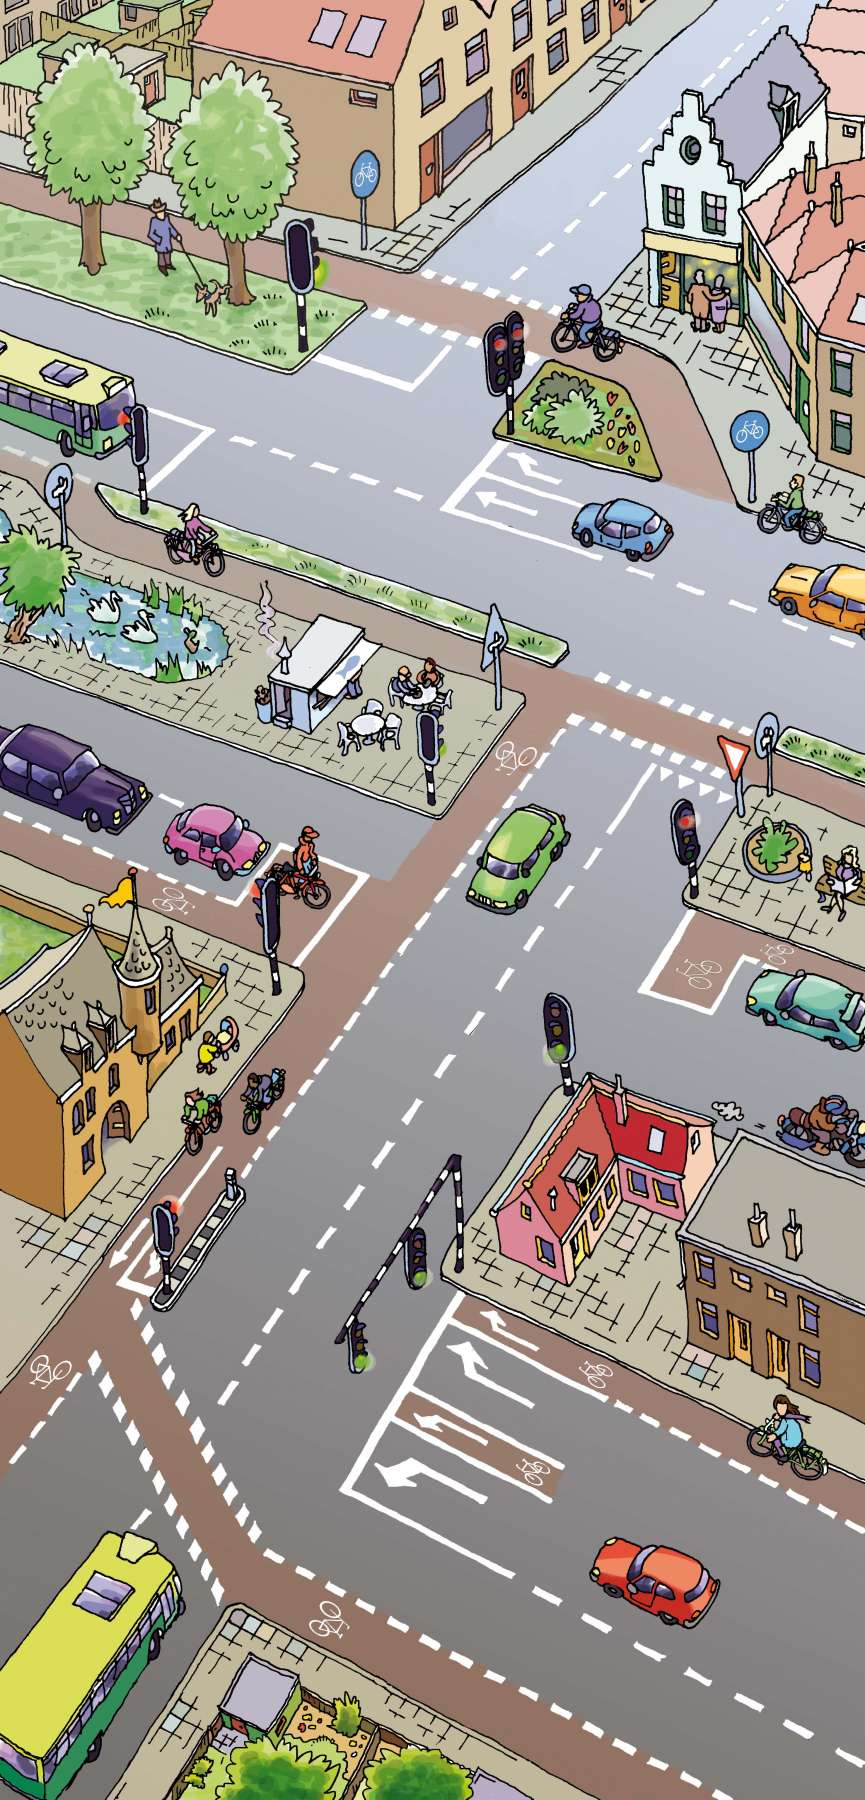 Verkeer in de stad - kijkplaat met opdrachten<br>Verkeersexamen voor basiseducatie - Noordhoff Uitgevers